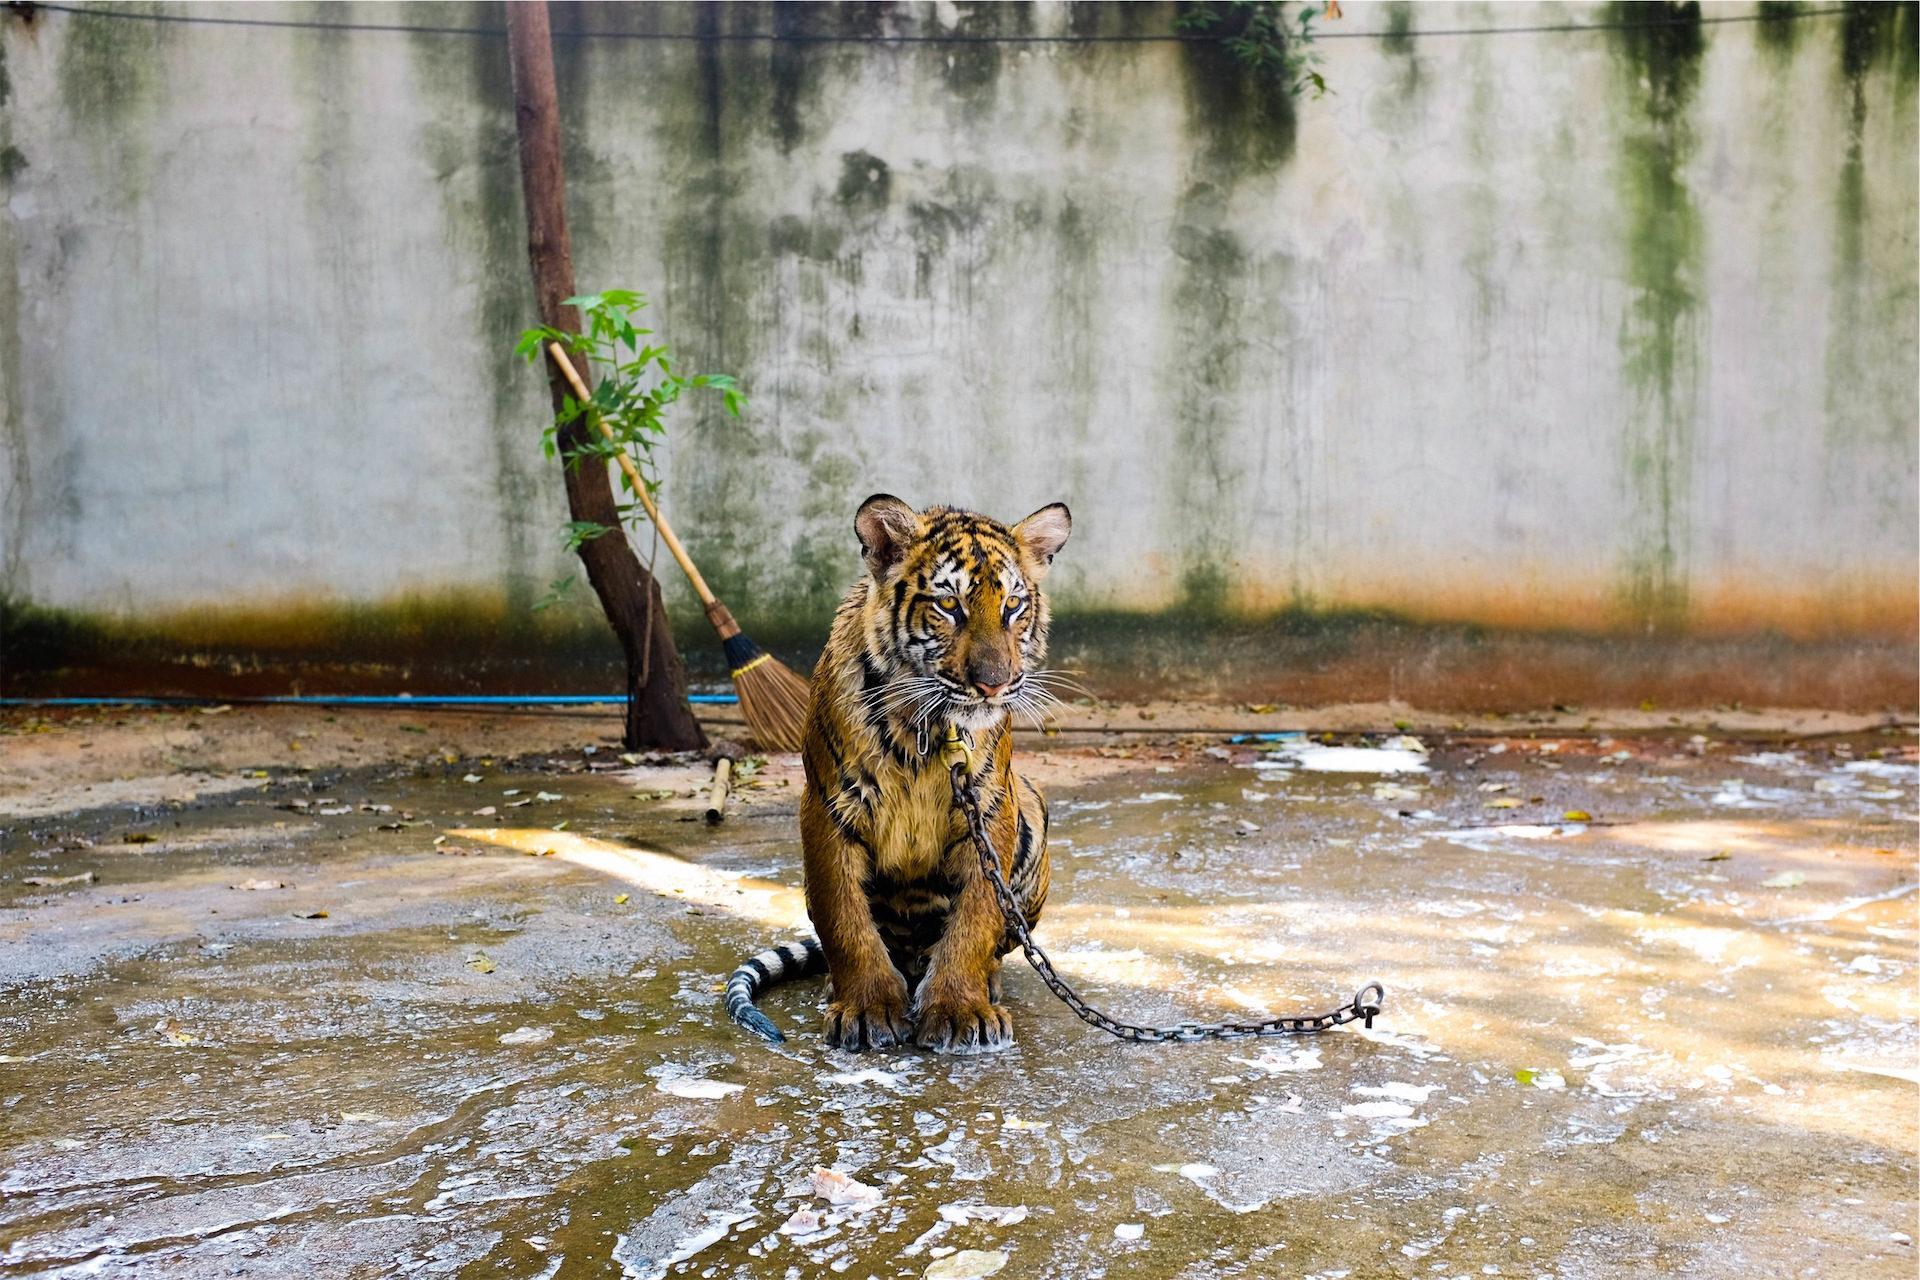 Tigre, en captivité, Zoo, chaînes, coup d'oeil - Fonds d'écran HD - Professor-falken.com